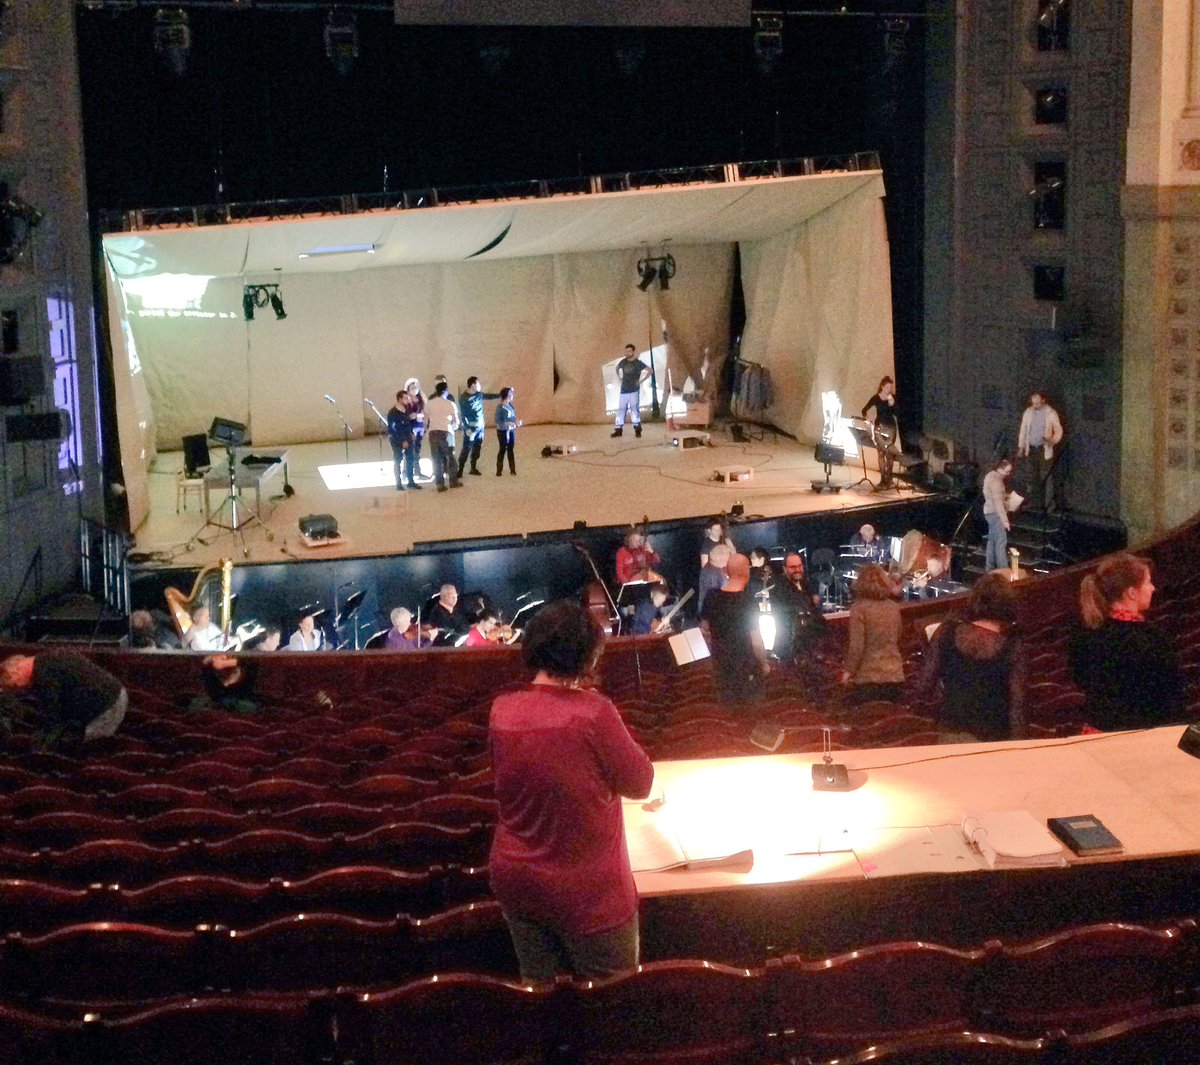 Bei der Orchesterhauptprobe von Carmen Assassinée @AugustEverding (Probe vor der Generalprobe) #carmenundich https://t.co/kBYb7s7QPx